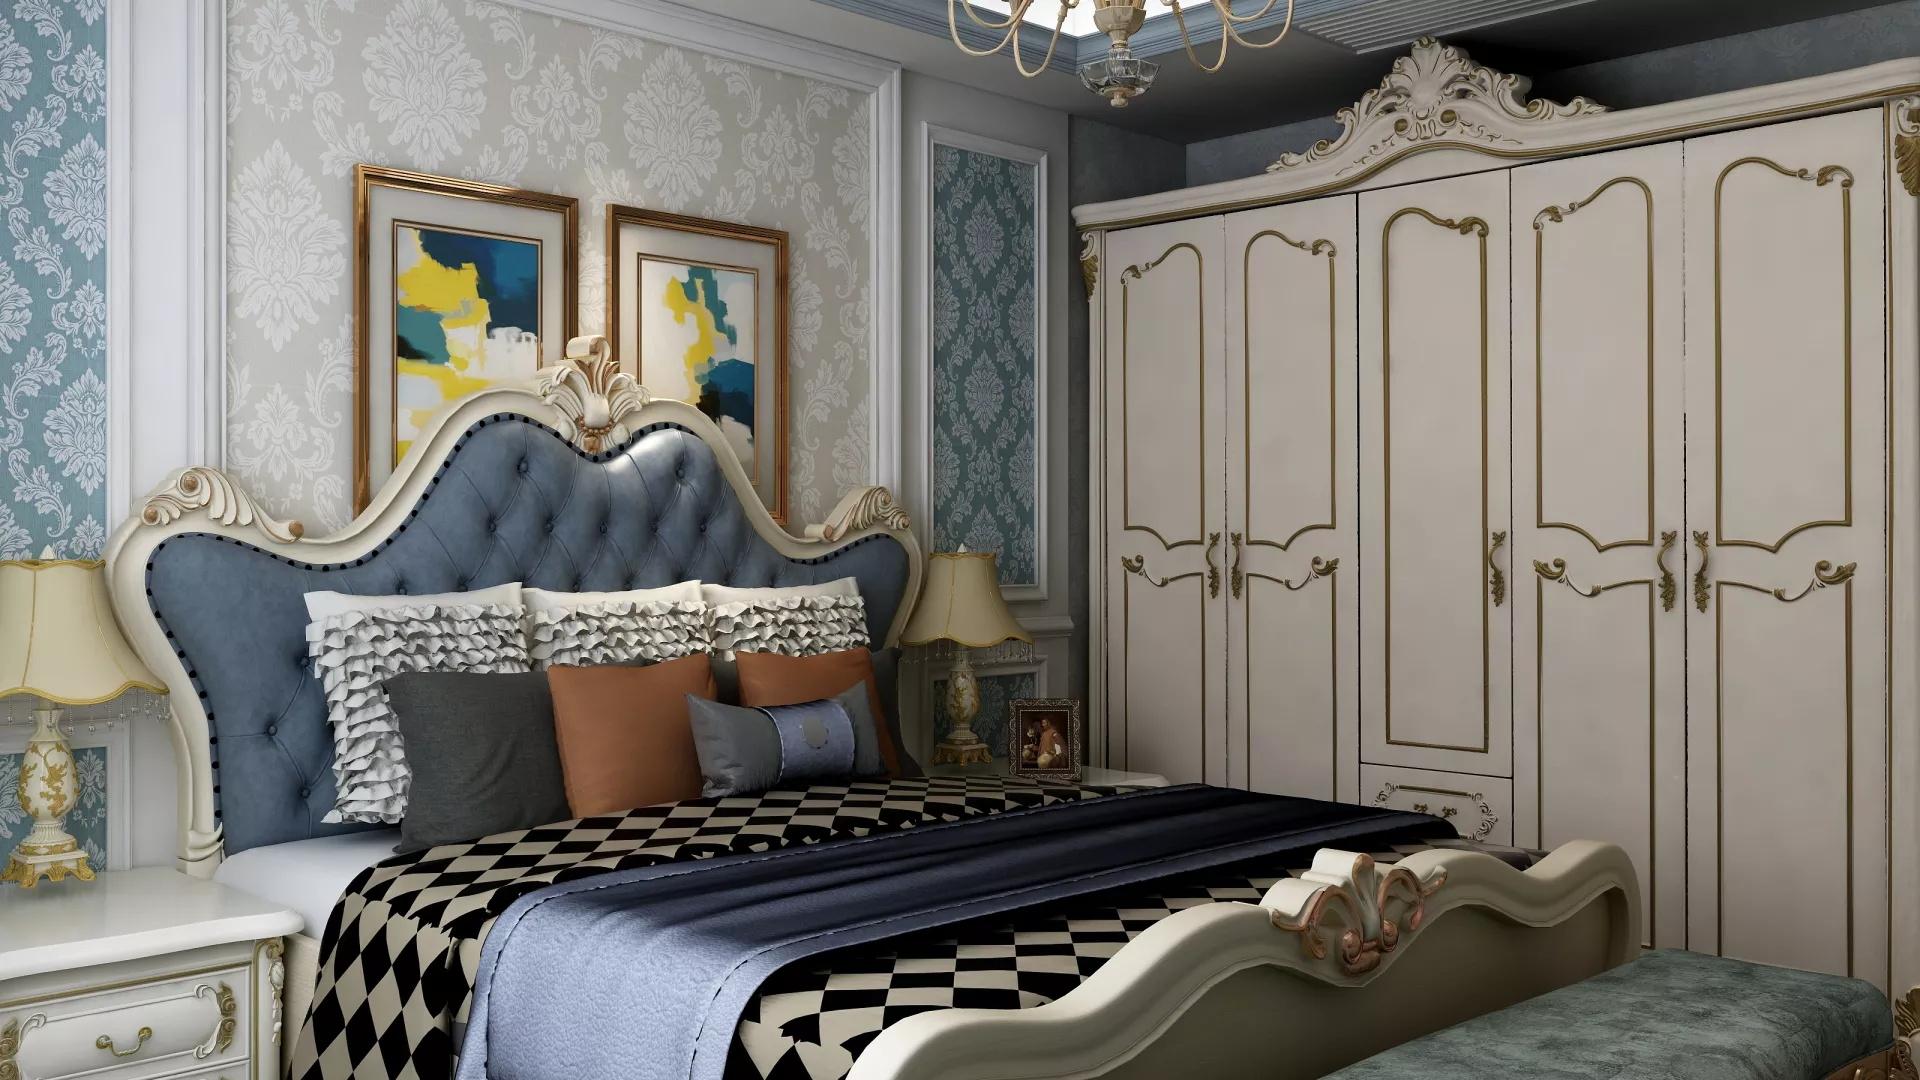 日式风格小清新客厅沙发装修效果图